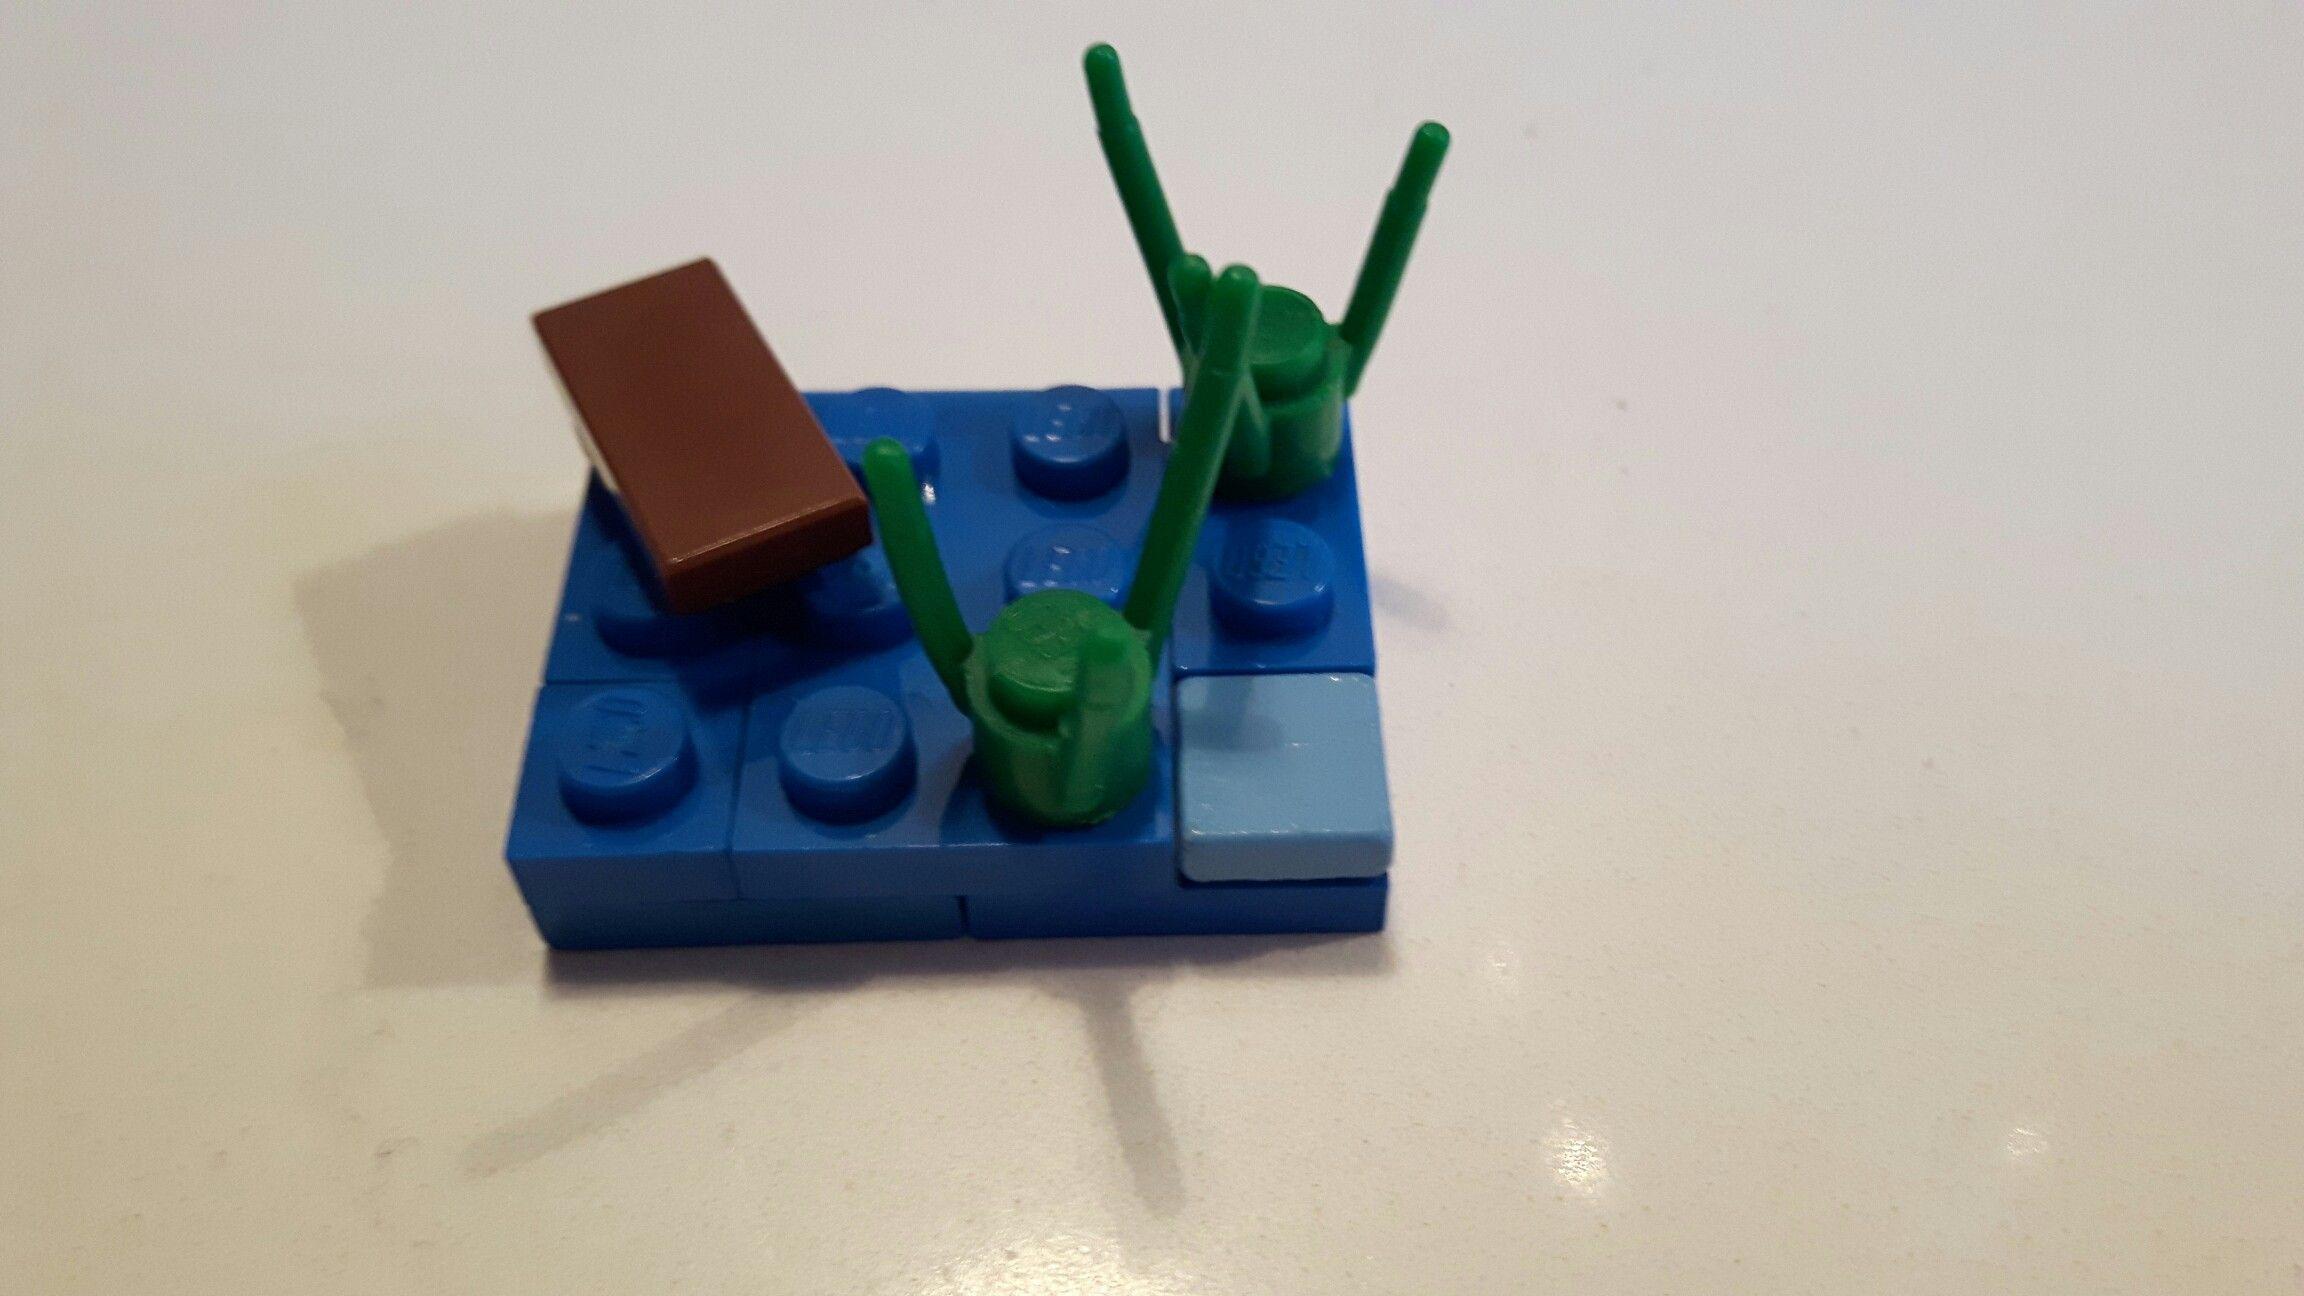 Micro lego vijver met drijfhout